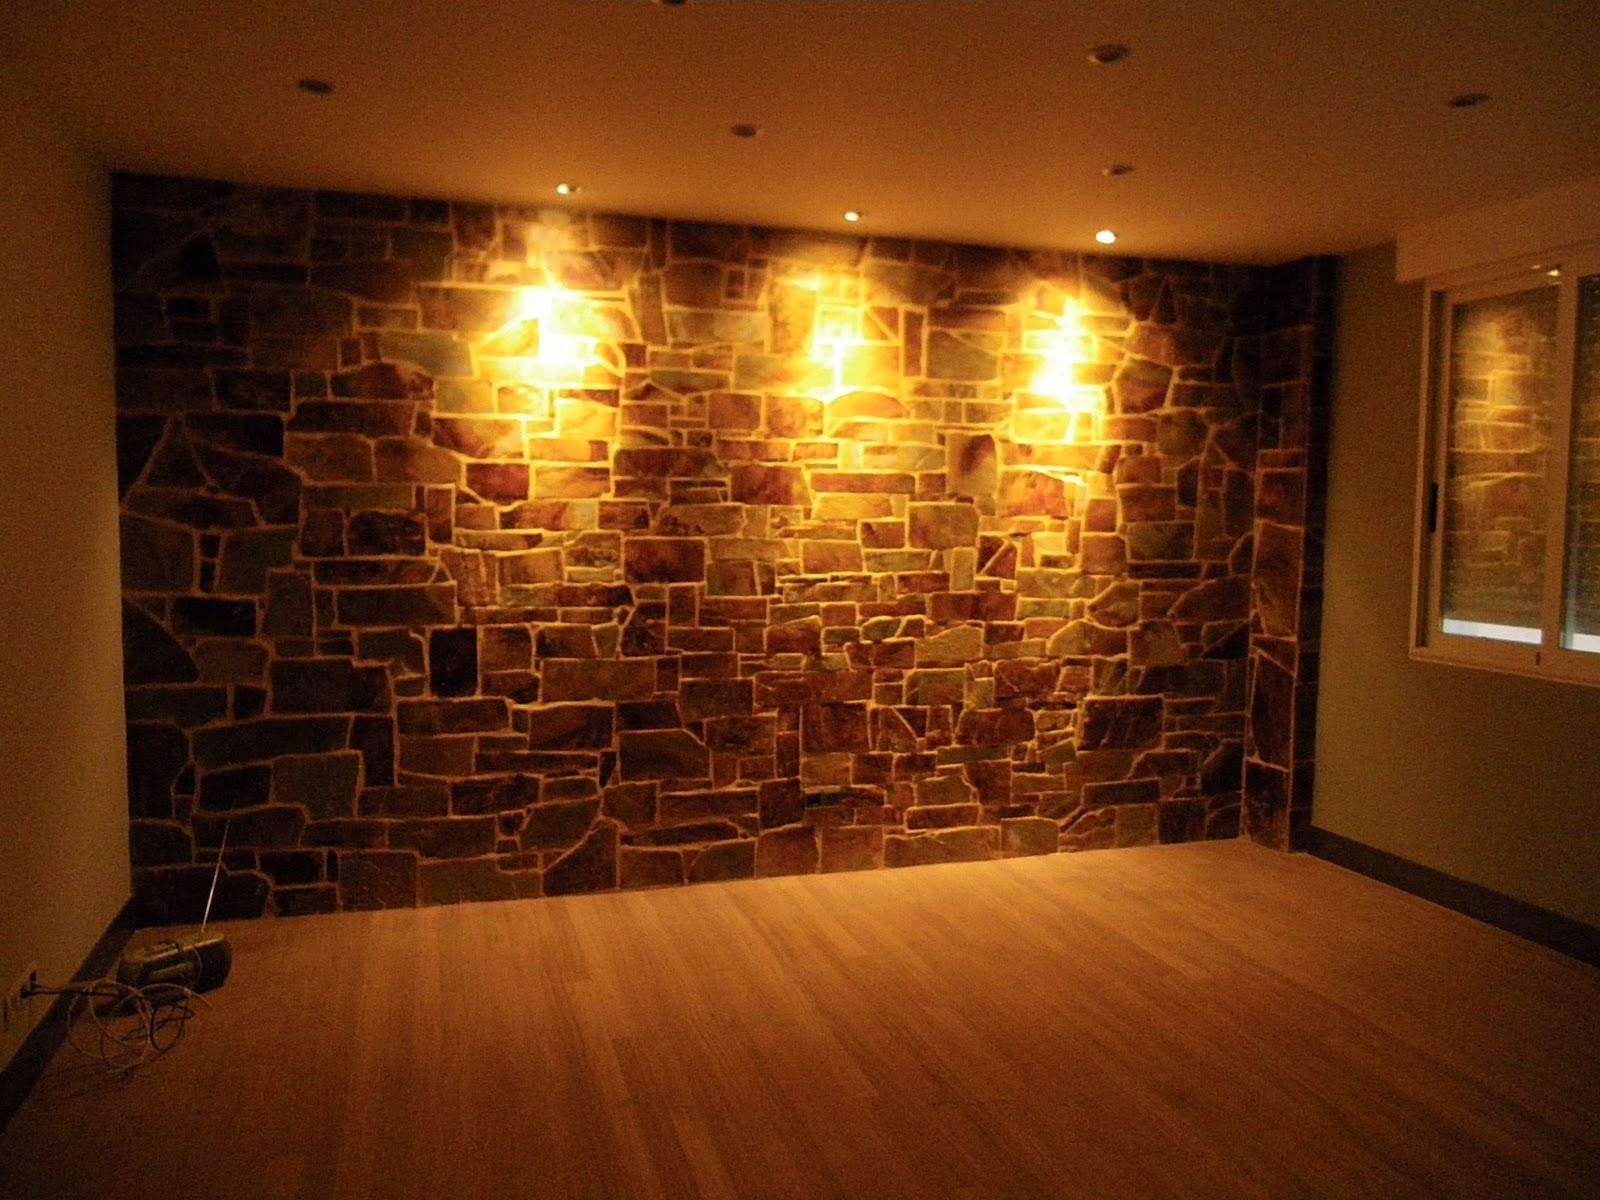 Salones 39 11 el sal n de maribel paperblog - Salones con piedra ...